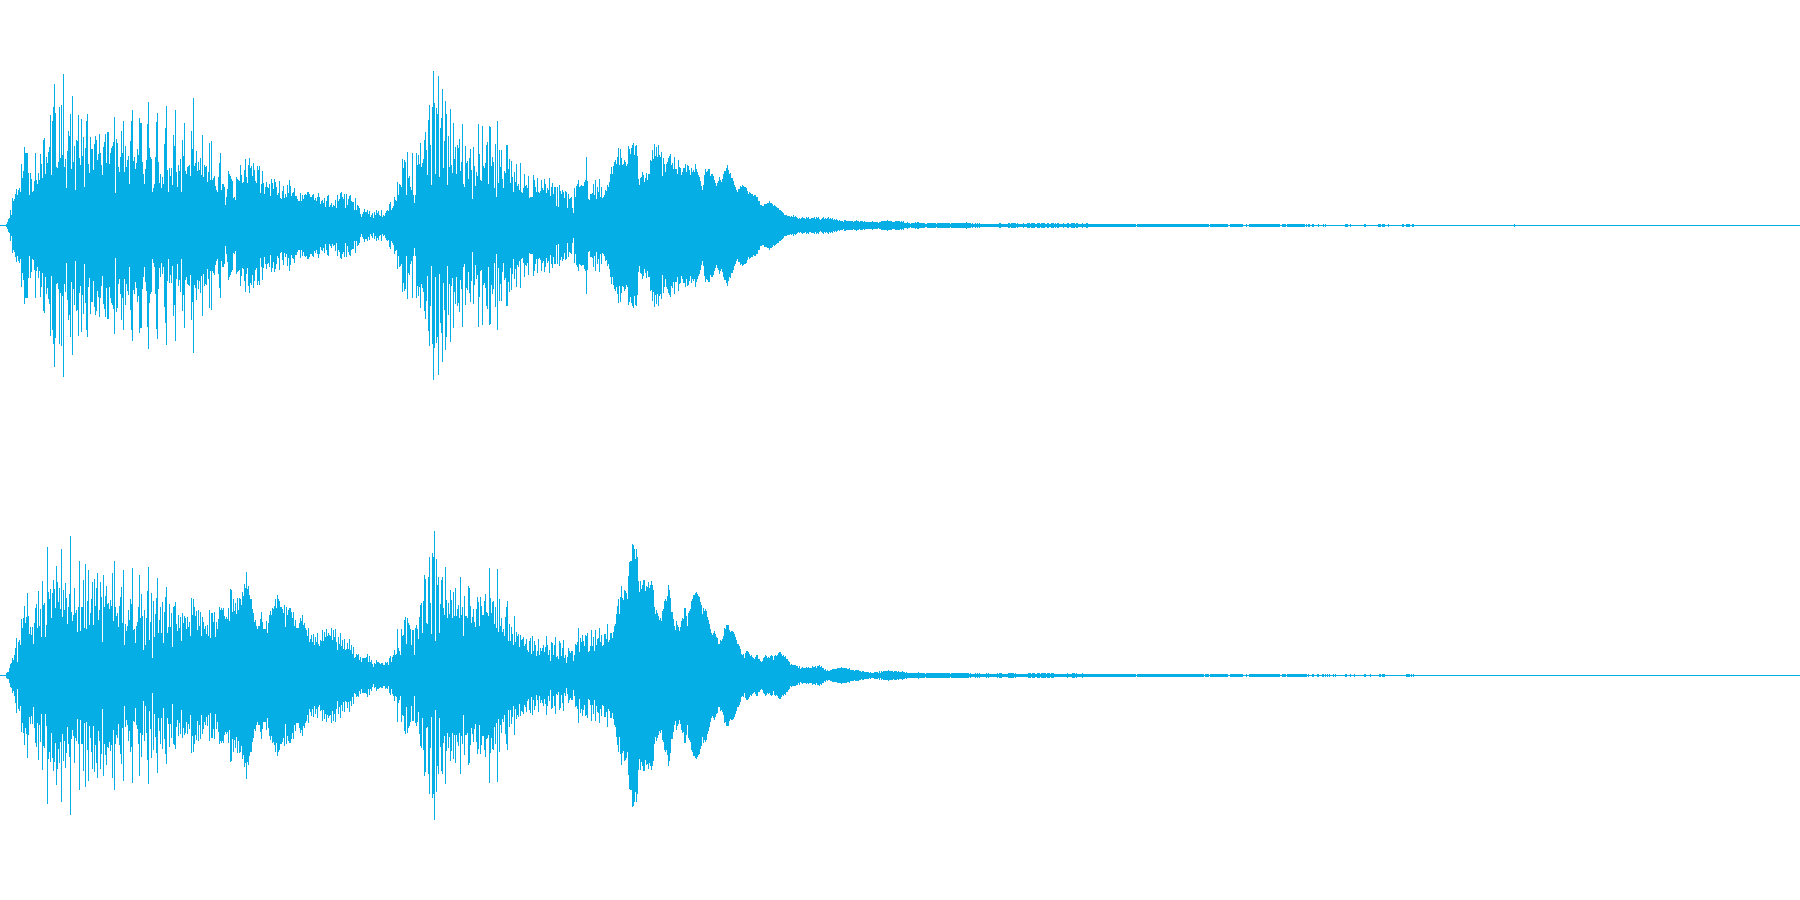 [効果音]発覚、急展開、転換の再生済みの波形